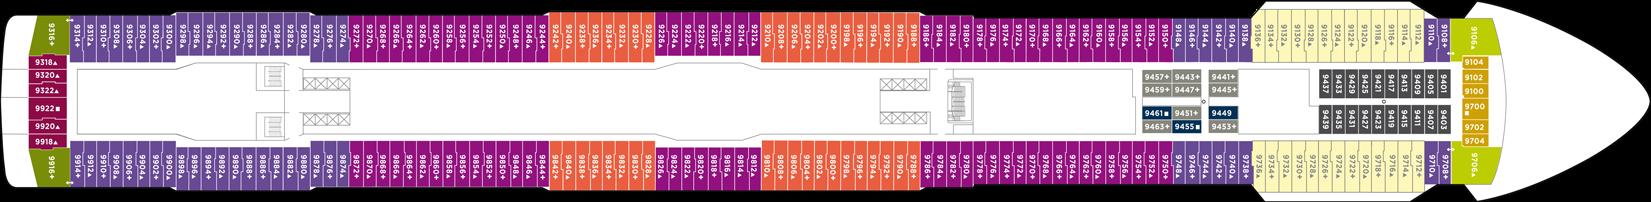 Norwegian Cruise Line Norwegian Breakaway Deck Plans Deck 9.png